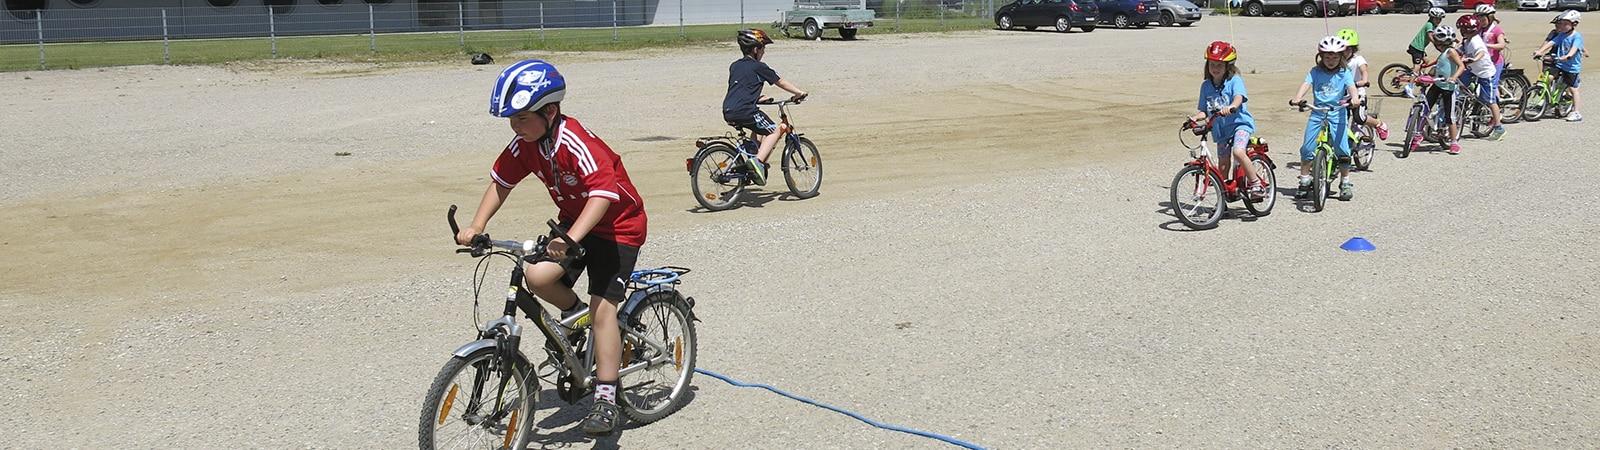 Sport-Feriencamps der TSG Weinheim